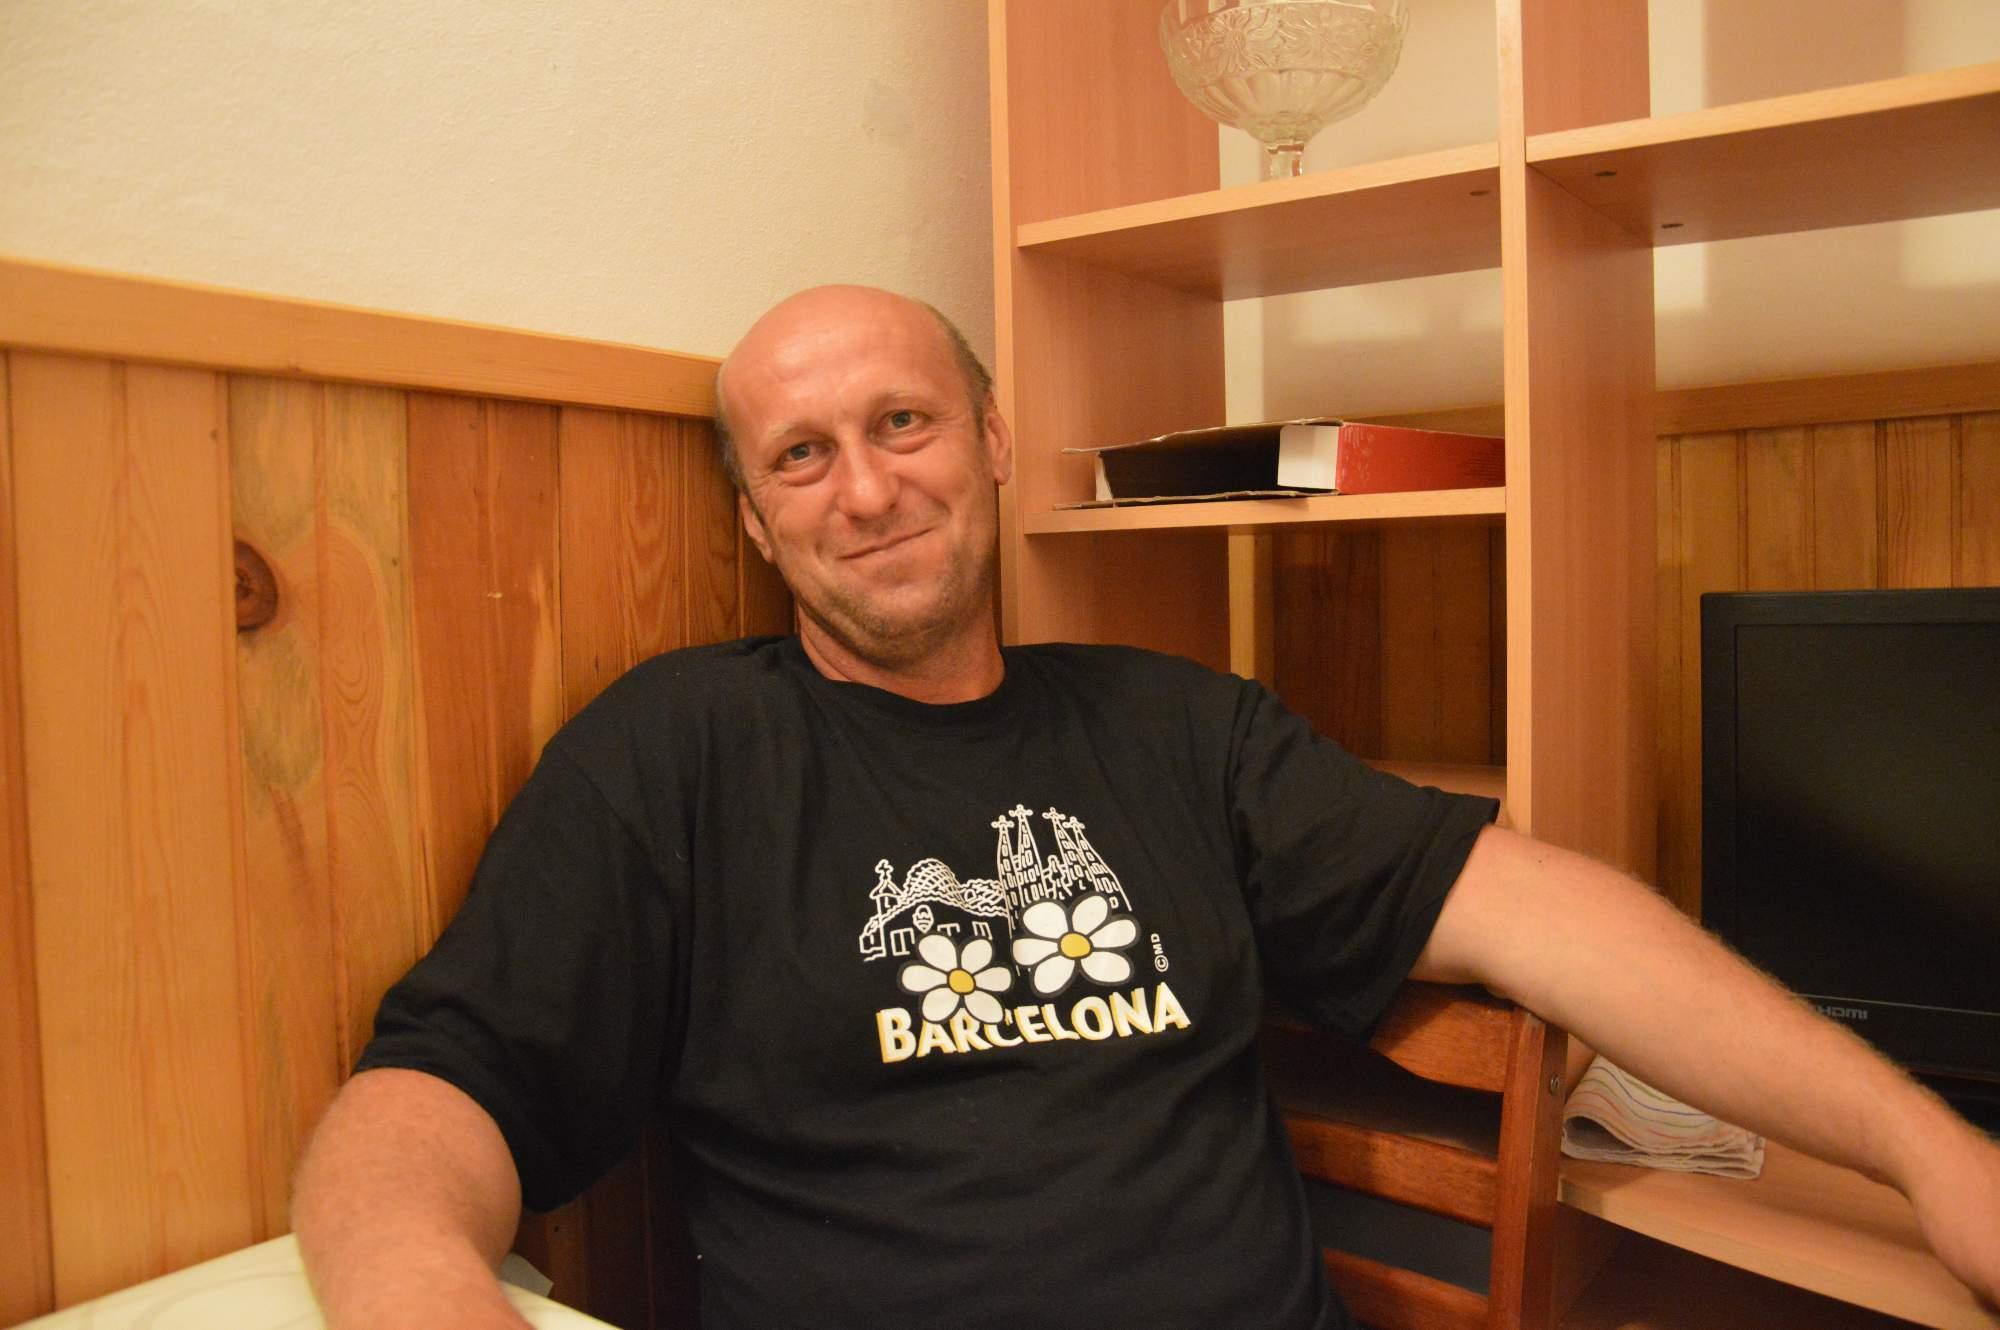 http://img19.rajce.idnes.cz/d1902/11/11369/11369498_ba1b1cc51aa2b100ecd01c05fe1b9075/images/DSC_0818.jpg